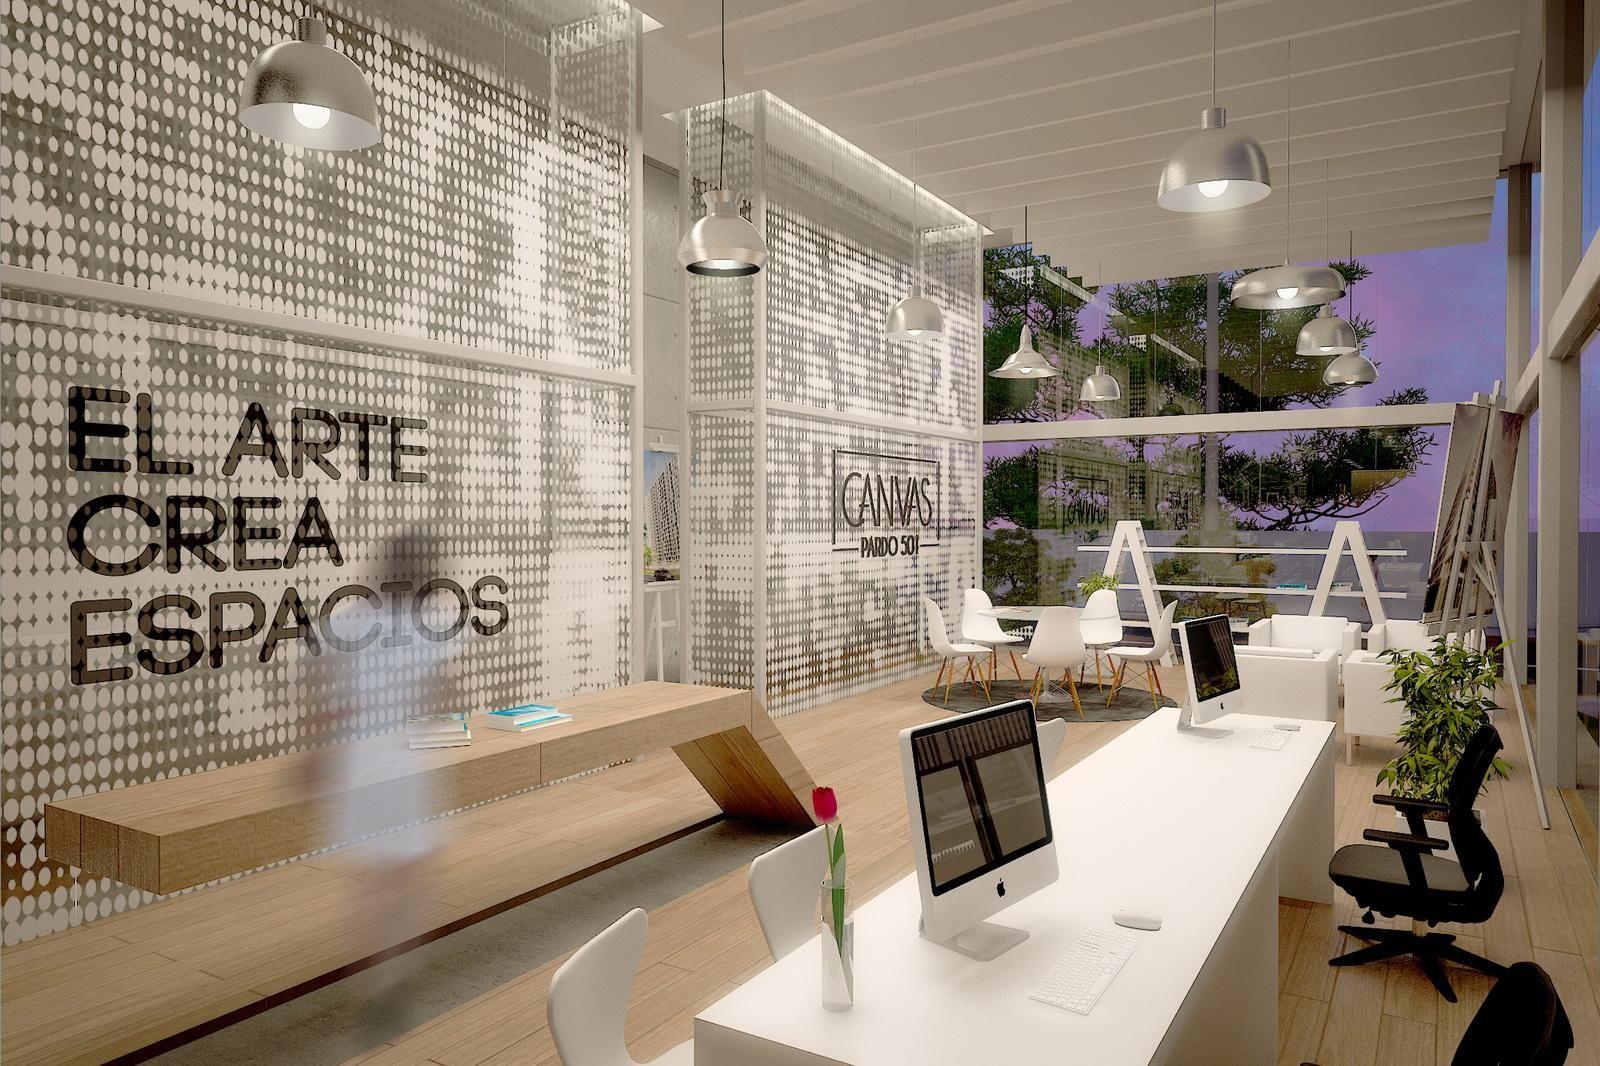 Interior sala de ventas canvas arquitectura - De salas inmobiliaria ...